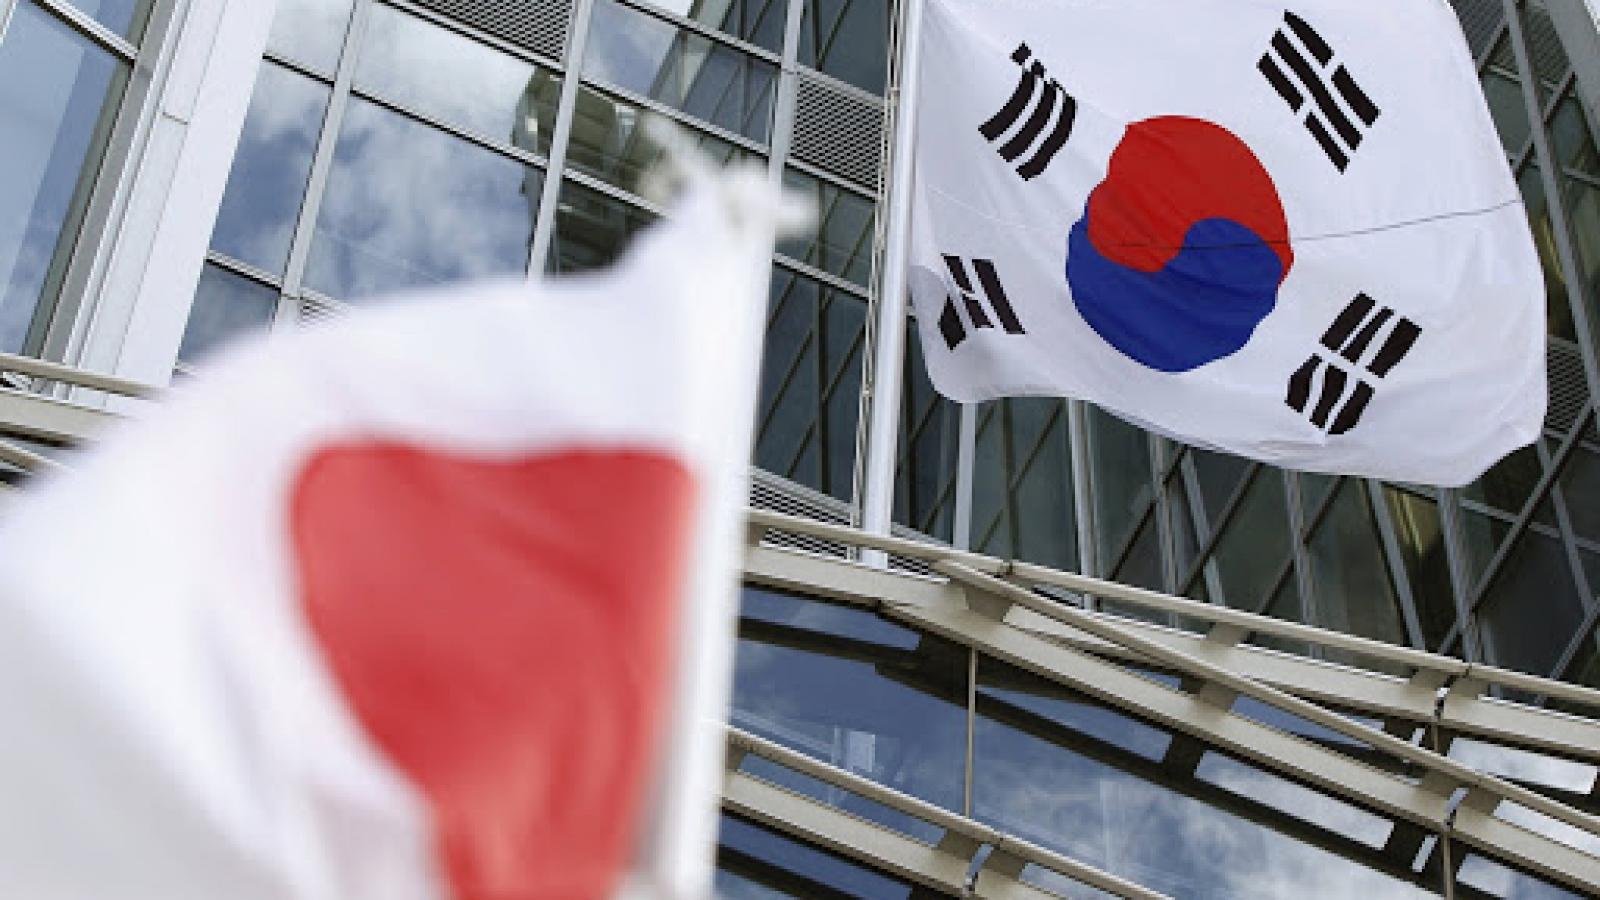 Nhật Bản - Hàn Quốc lại căng thẳng về vấn đề quần đảo Takeshima/Dokdo